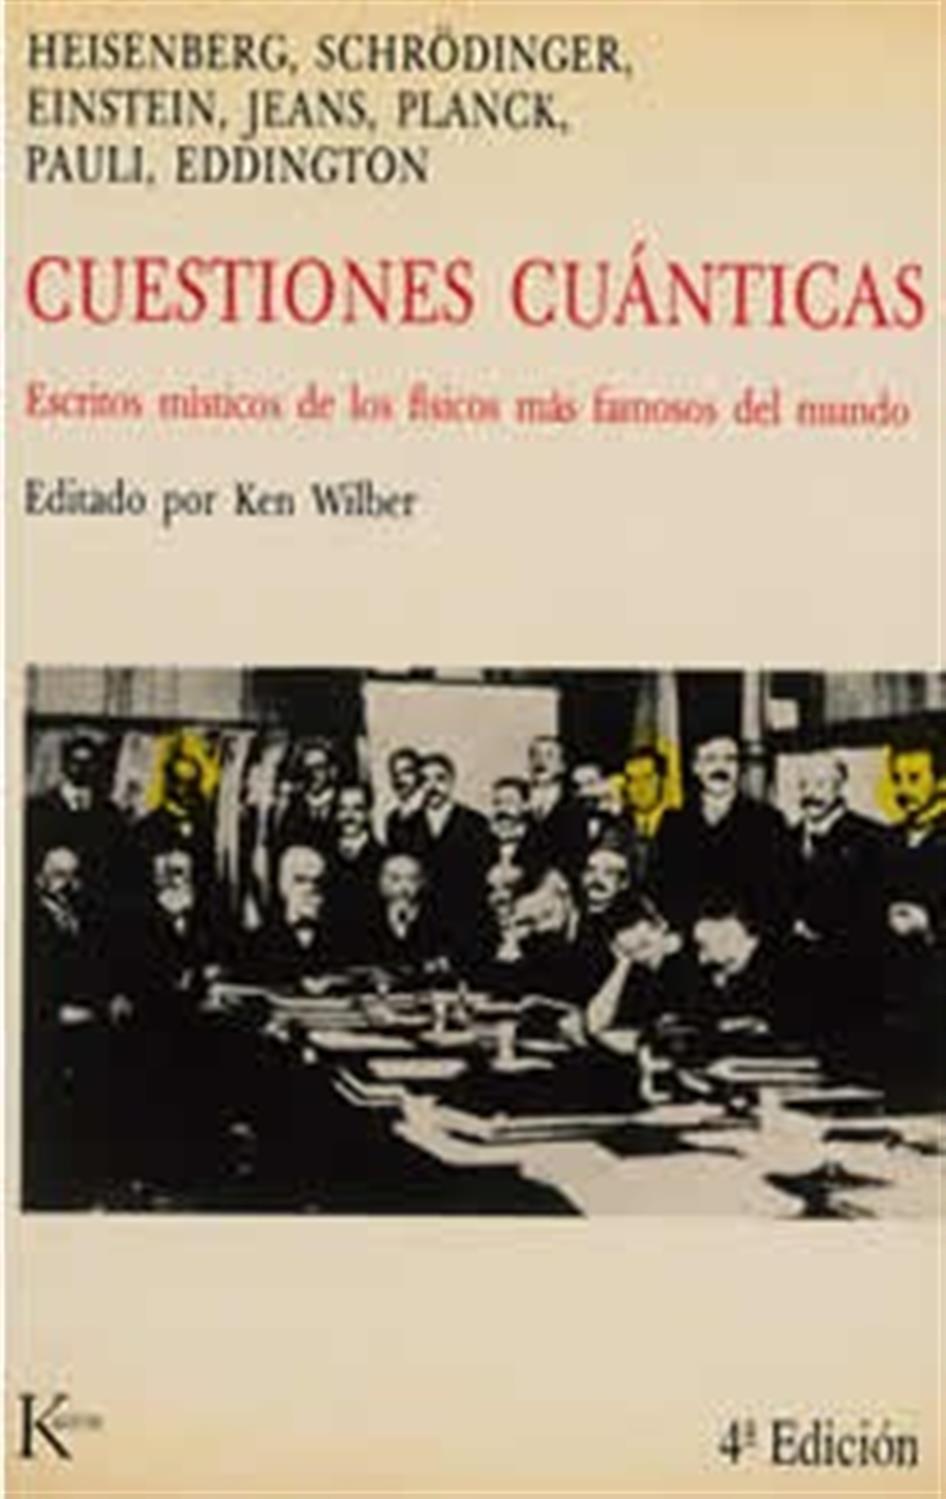 Cuestiones cuánticas- Escritos místicos de los físicos más famoso del mundo